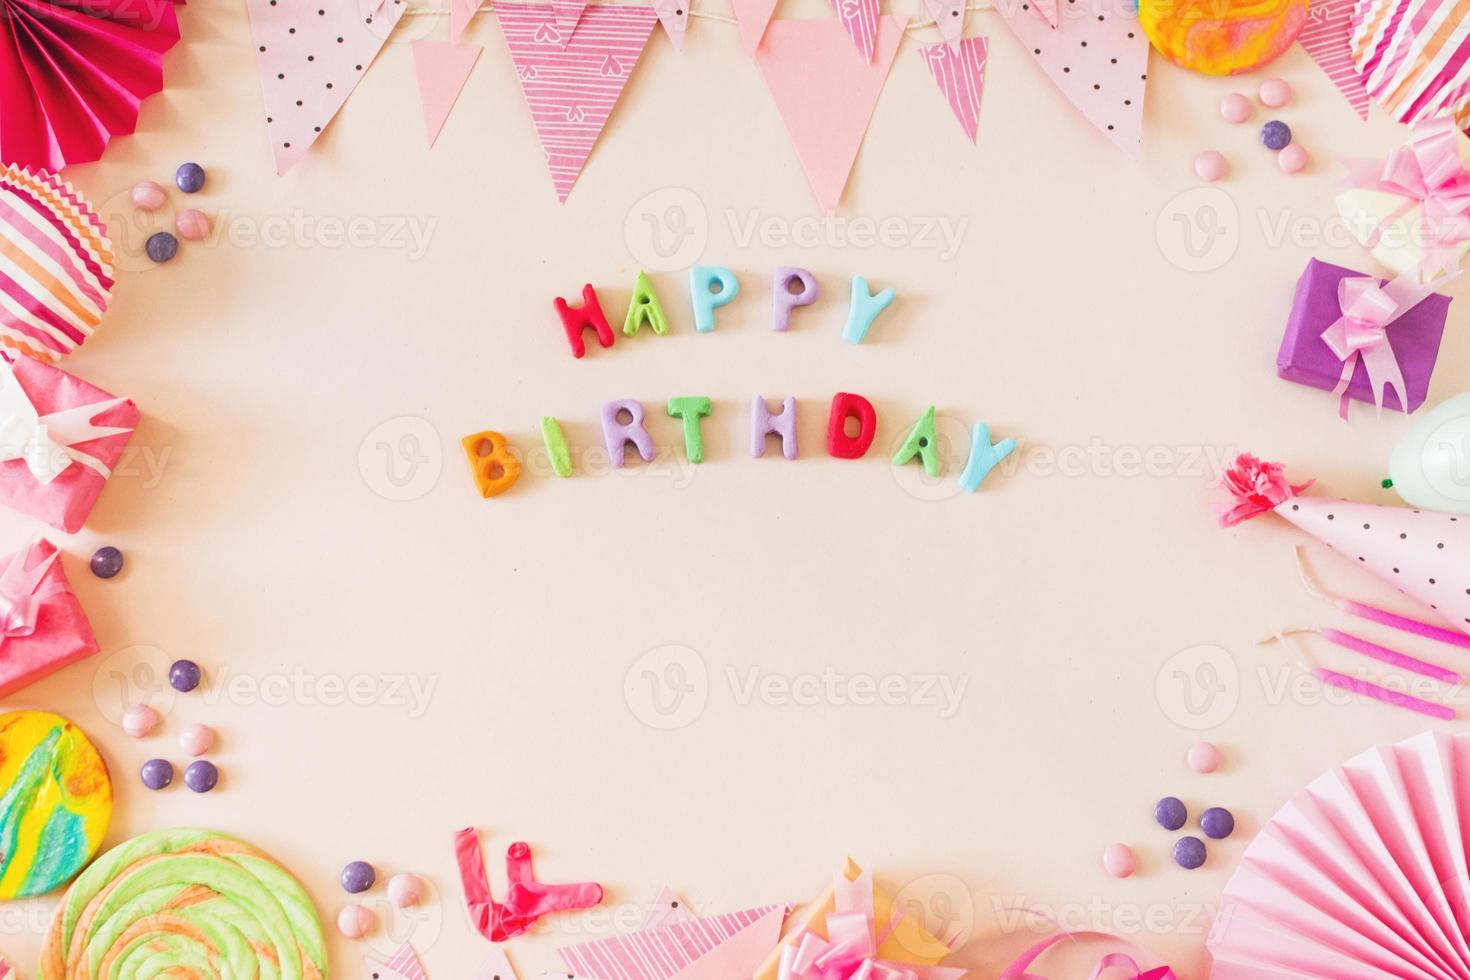 texte de joyeux anniversaire avec concept de fête photo